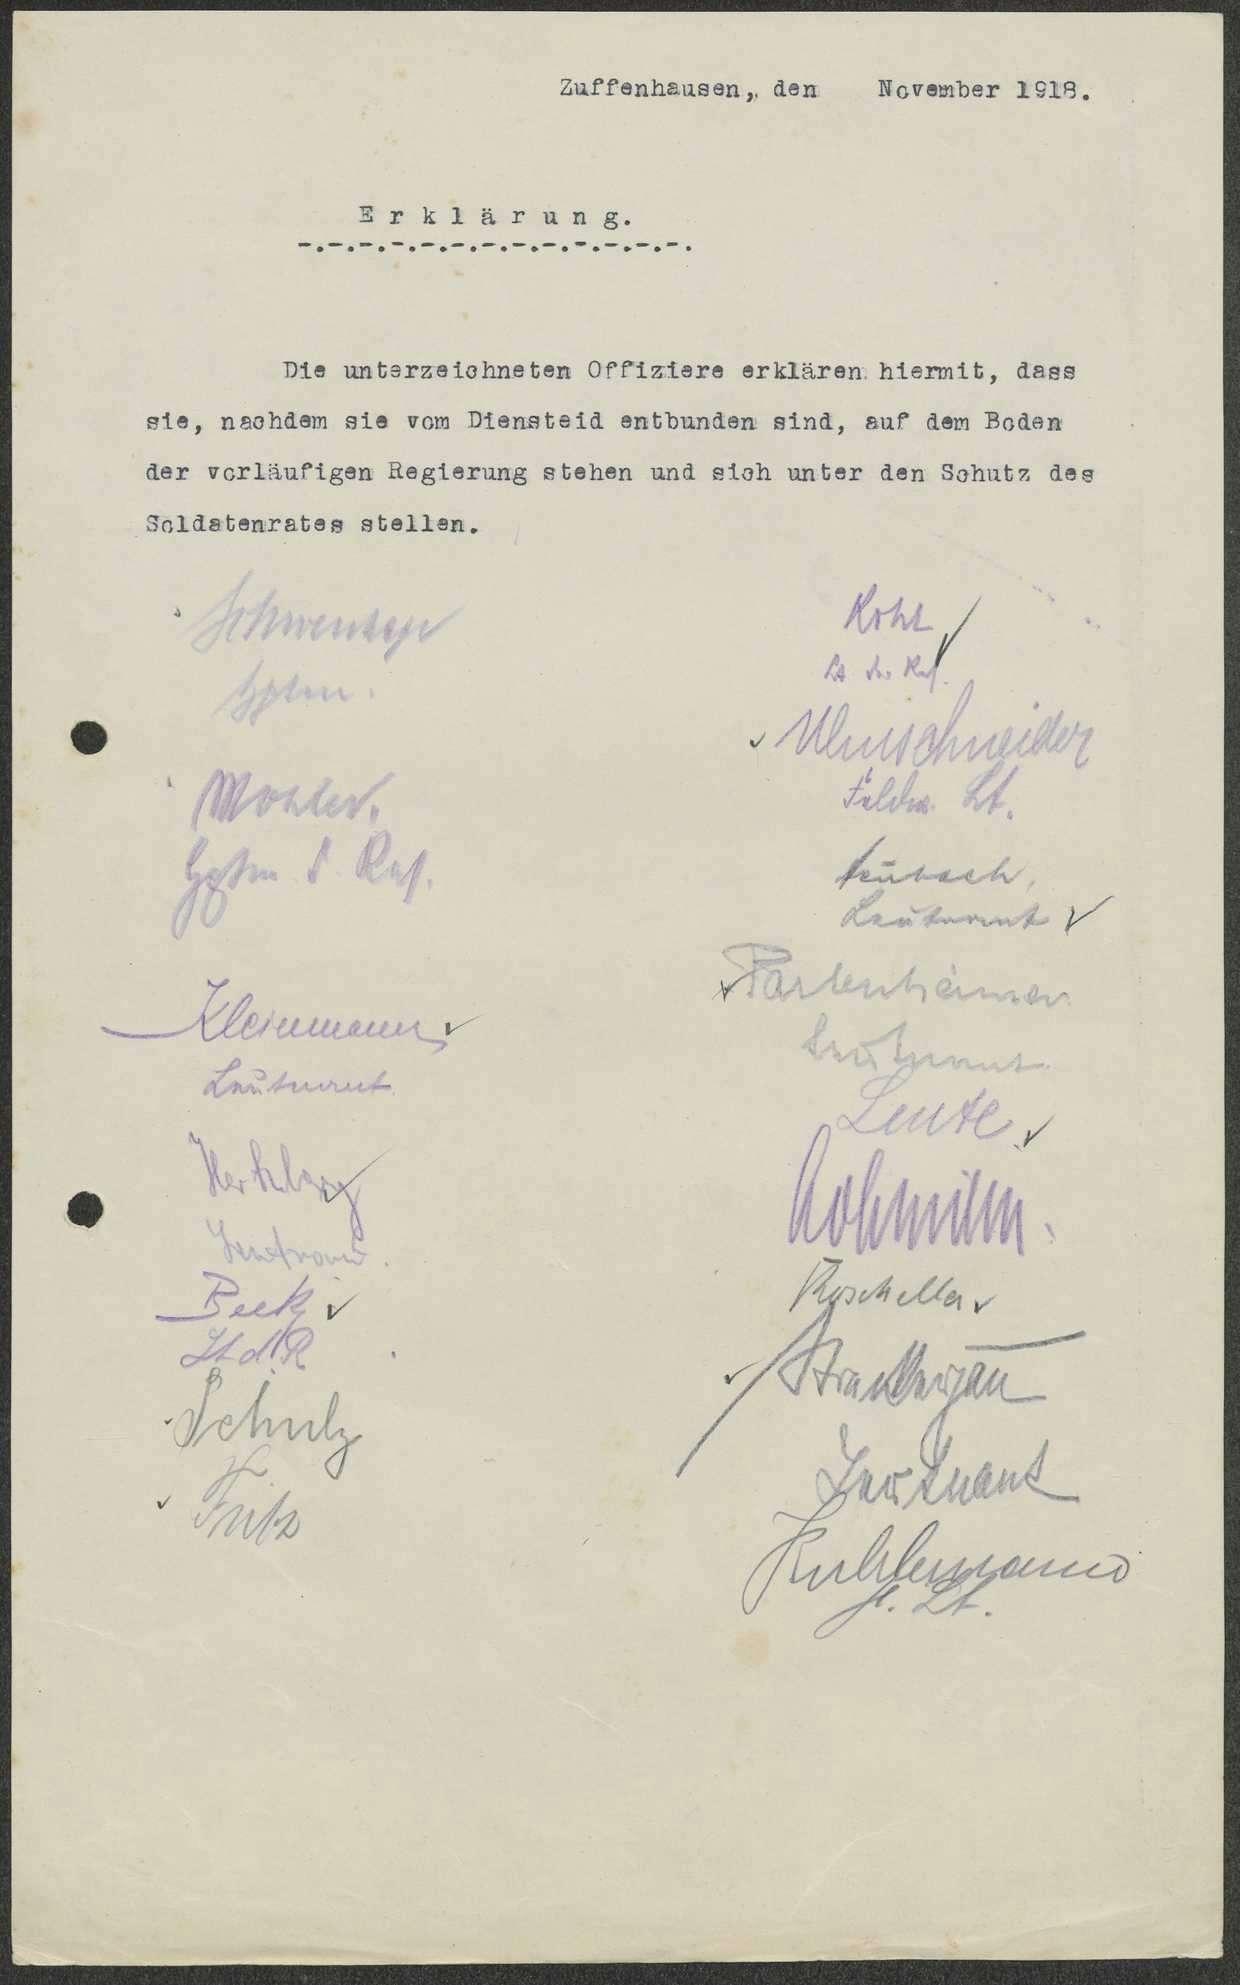 Treueerklärung der Offiziere gegenüber der Staatsregierung und den Soldatenräten, Bild 1